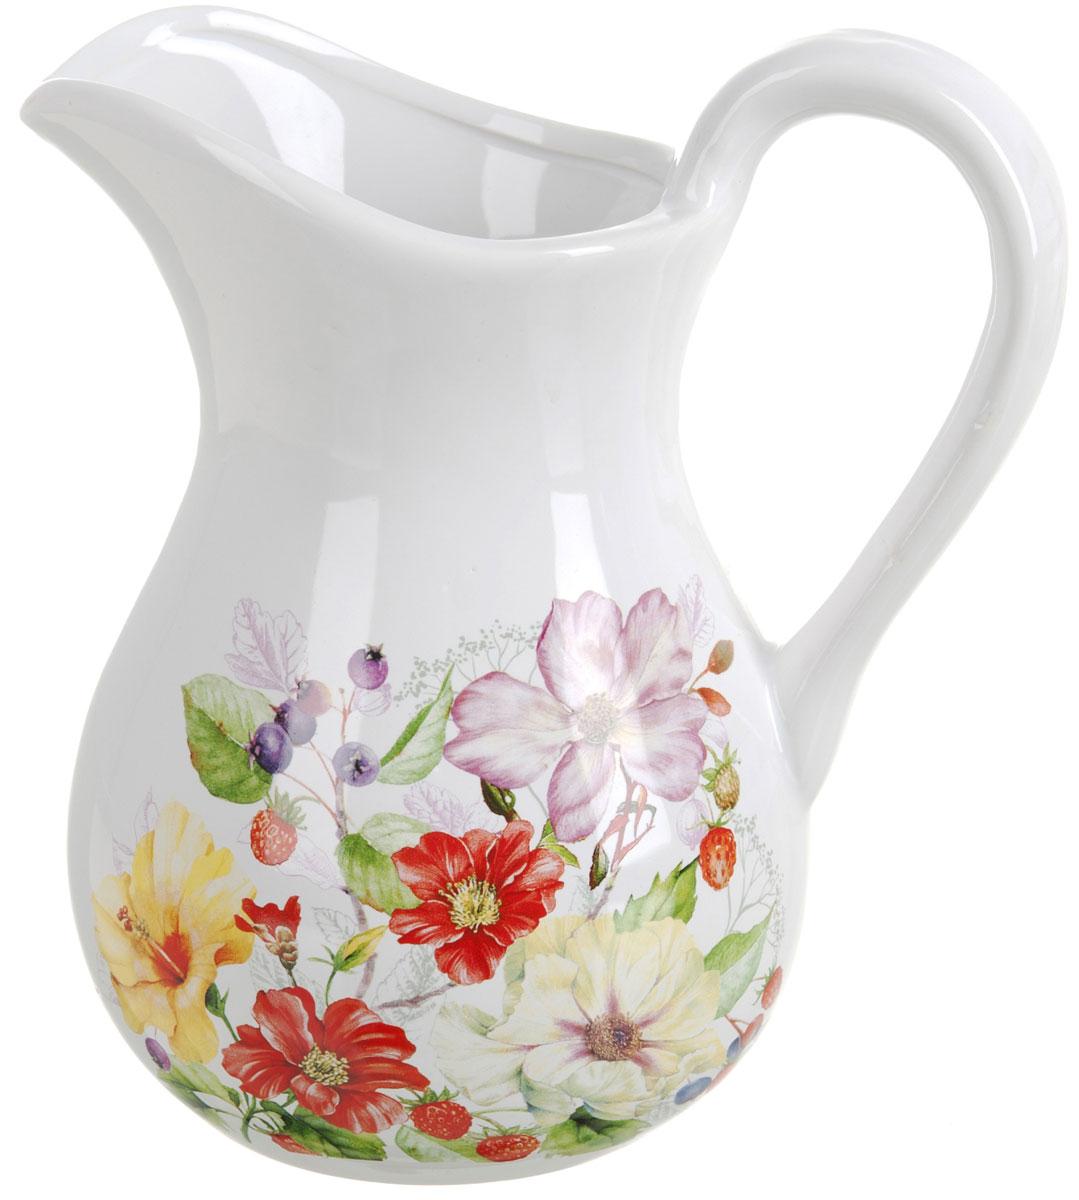 Кувшин Polystar Summer, 1 лL2430913Кувшин Summer изготовлен из высококачественной керамики с нежным цветочным рисунком. Кувшин оснащен удобной ручкой. Прекрасно подходит для подачи воды, сока, компота и других напитков.Изящный кувшин красиво оформит стол и порадует вас элегантным дизайном и простотой ухода.